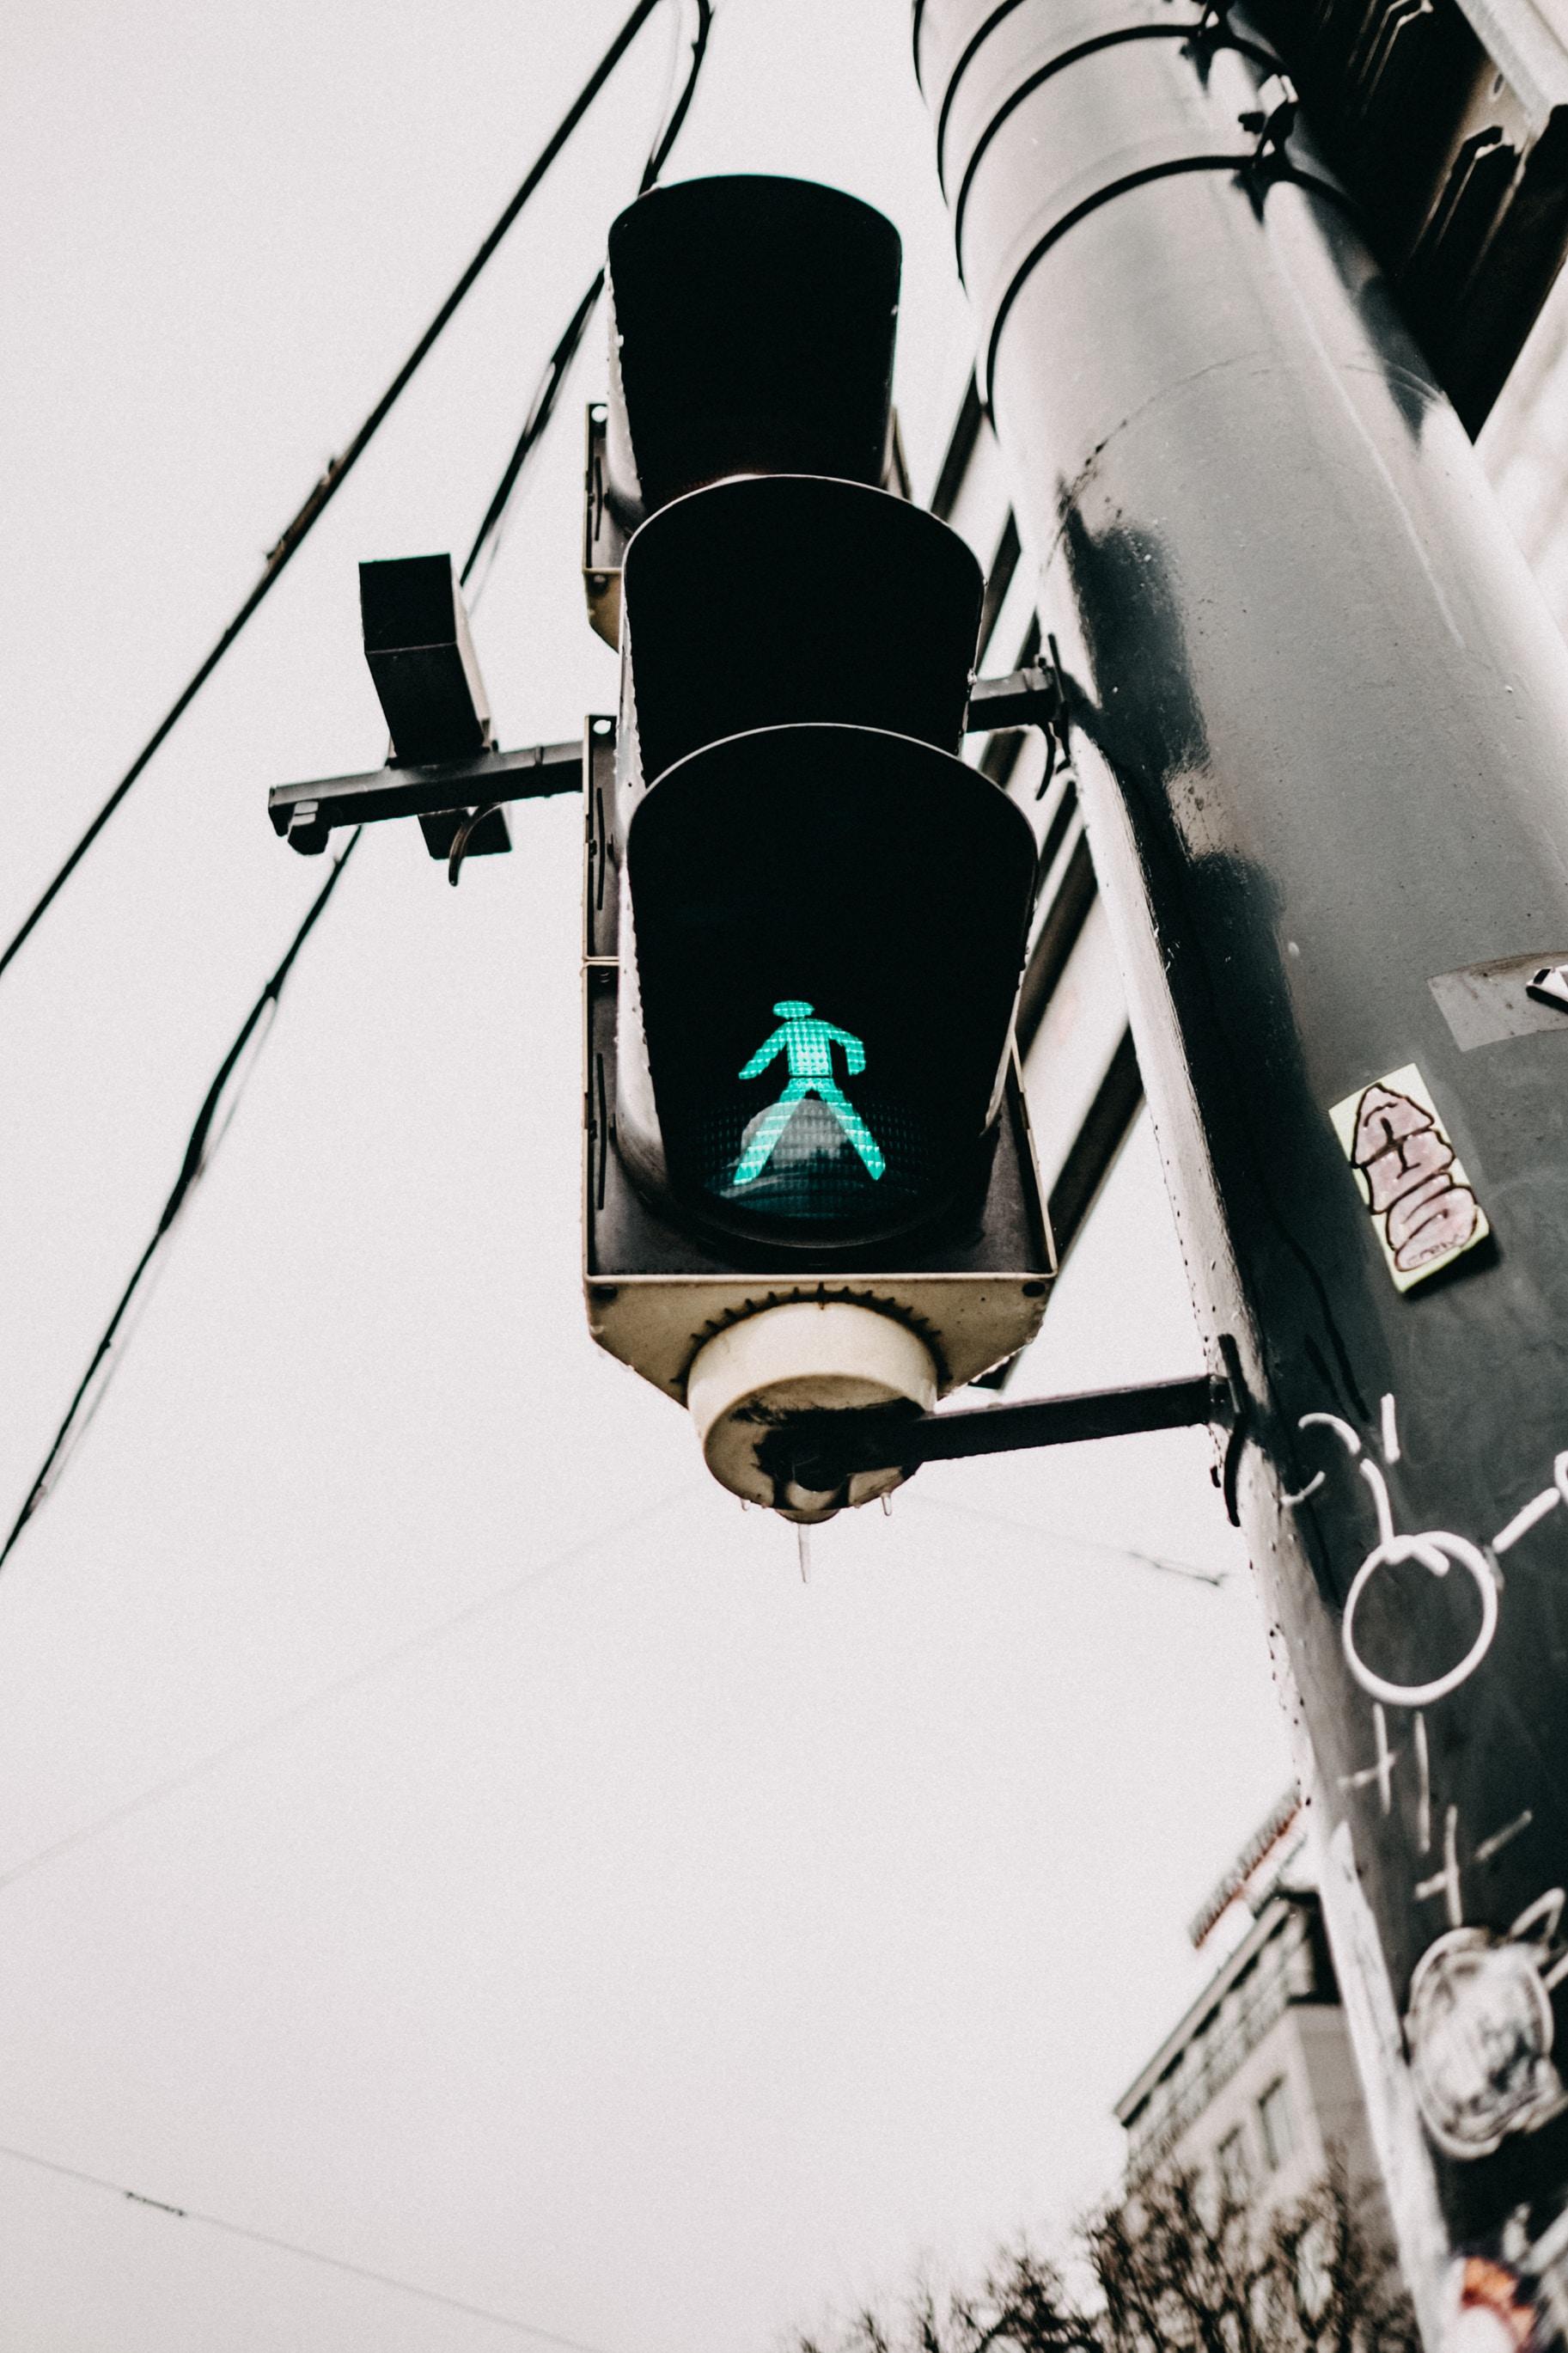 traffic sign at walk